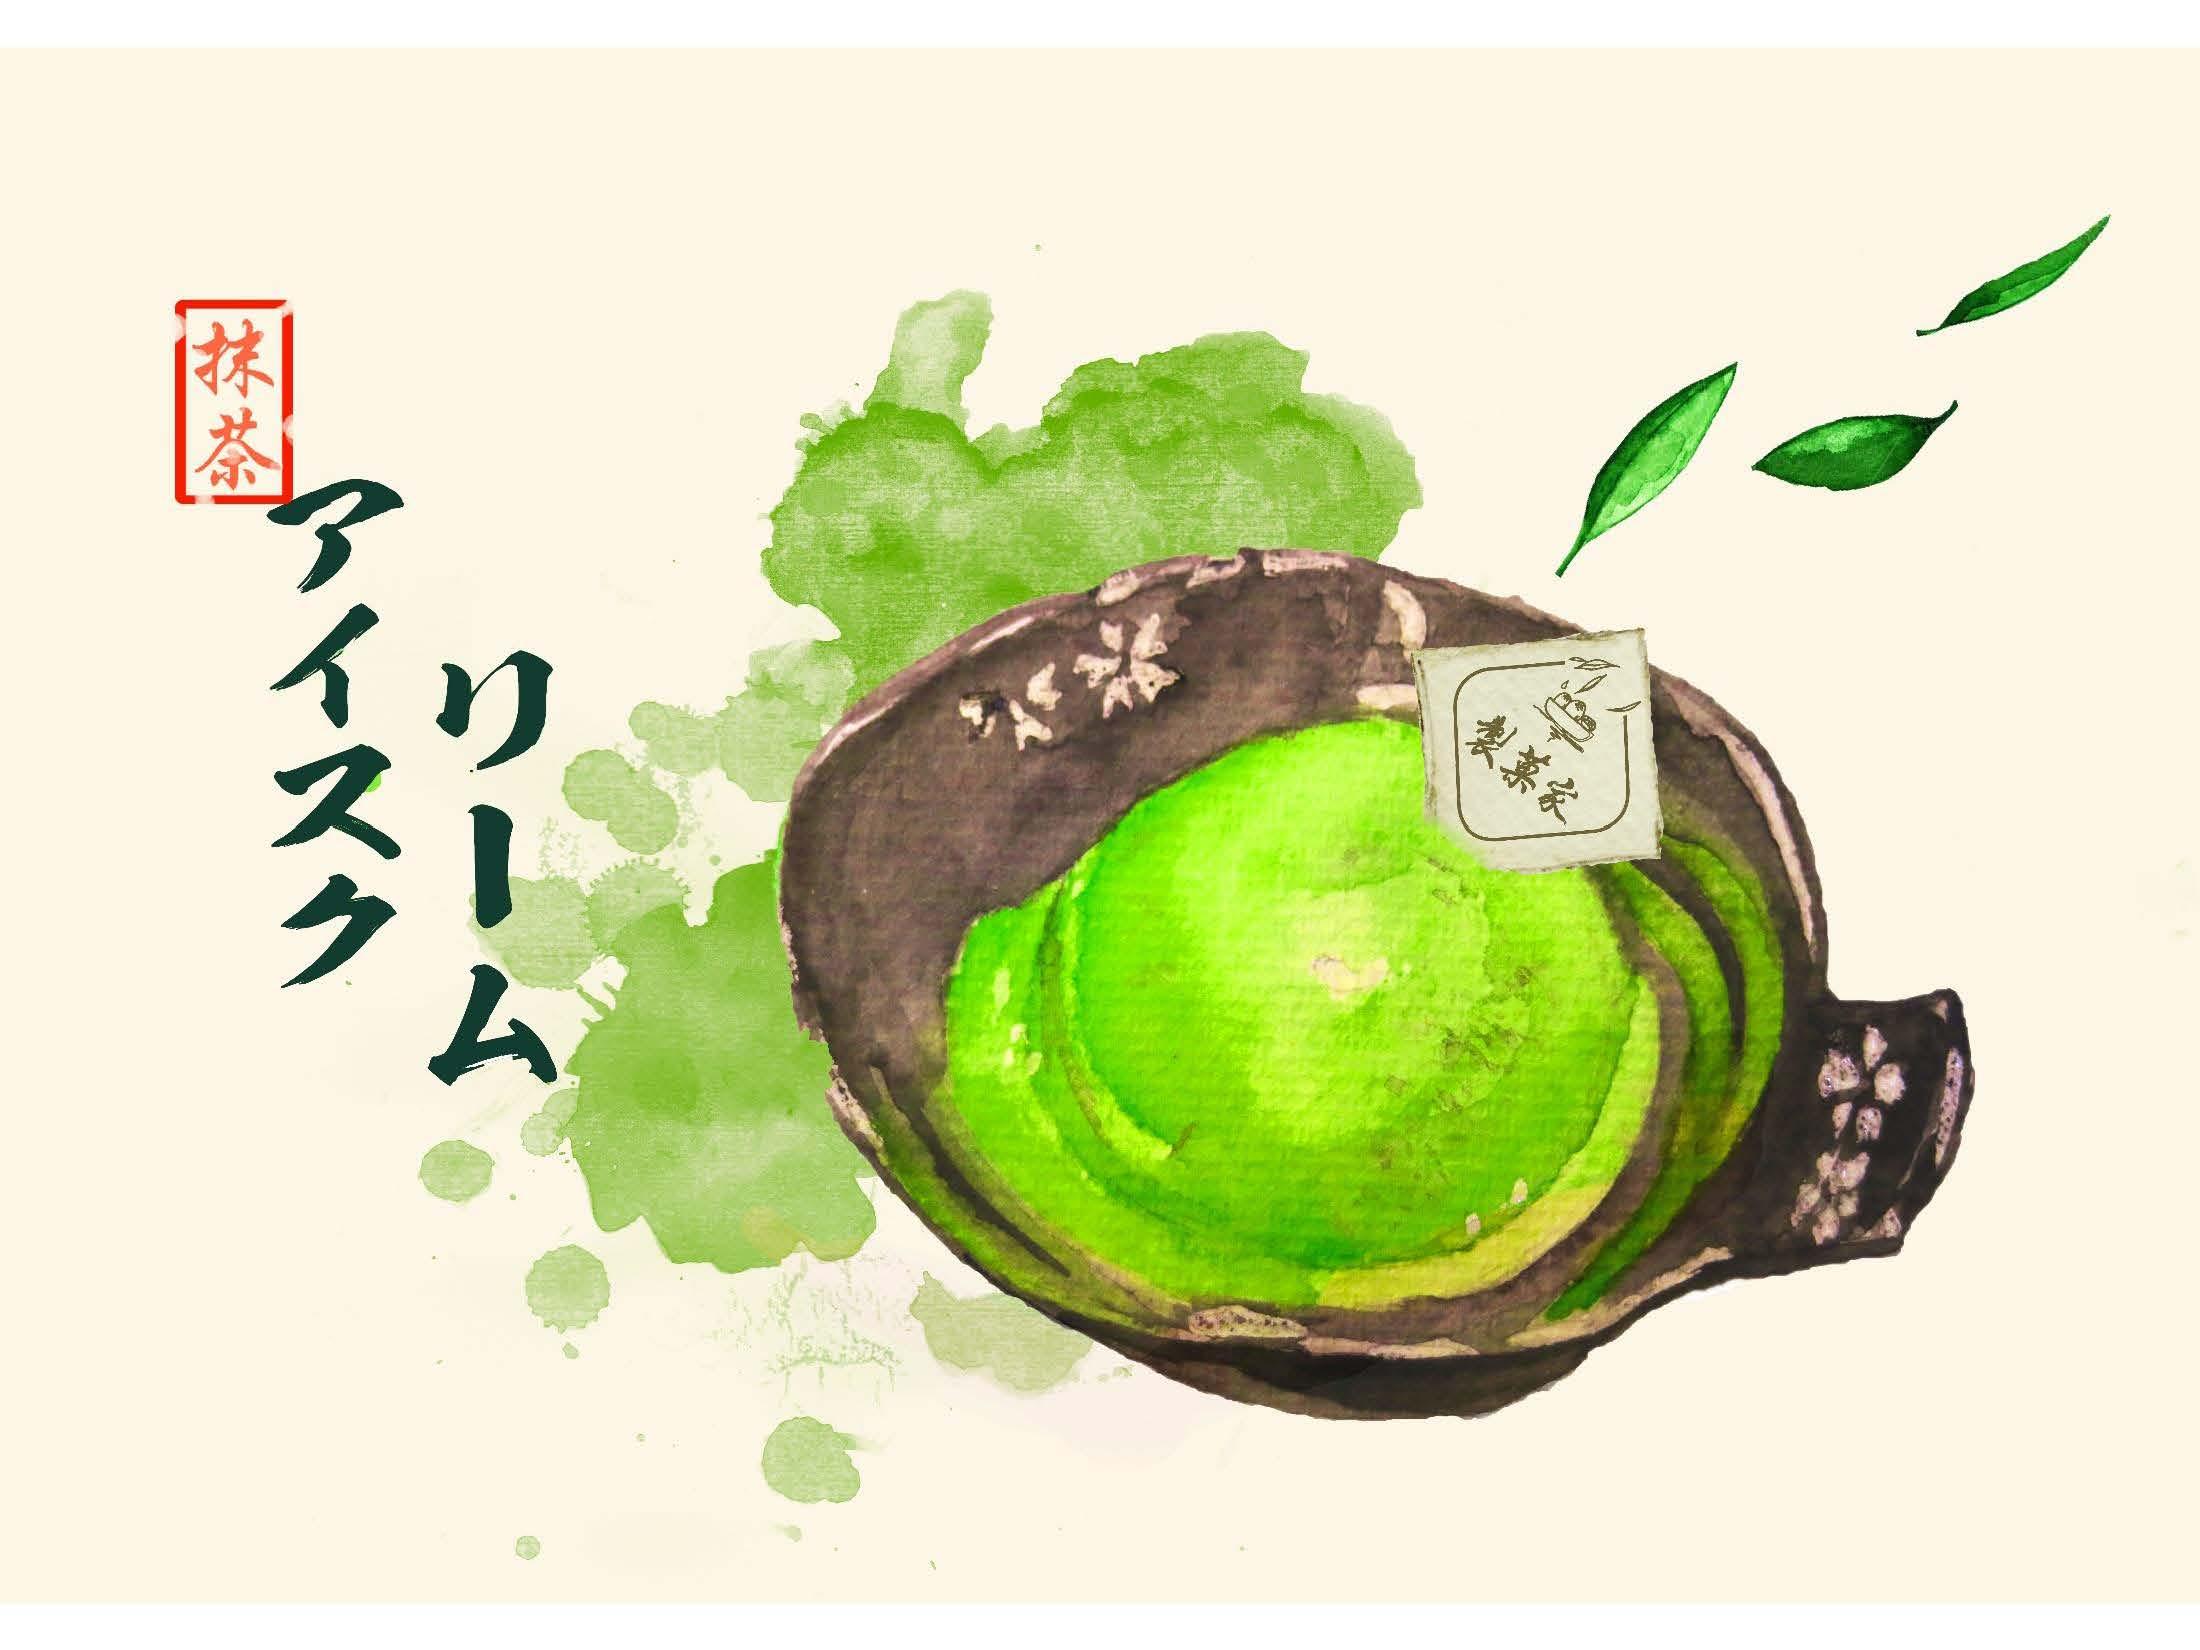 制菓家 抹茶甜品 产品手绘